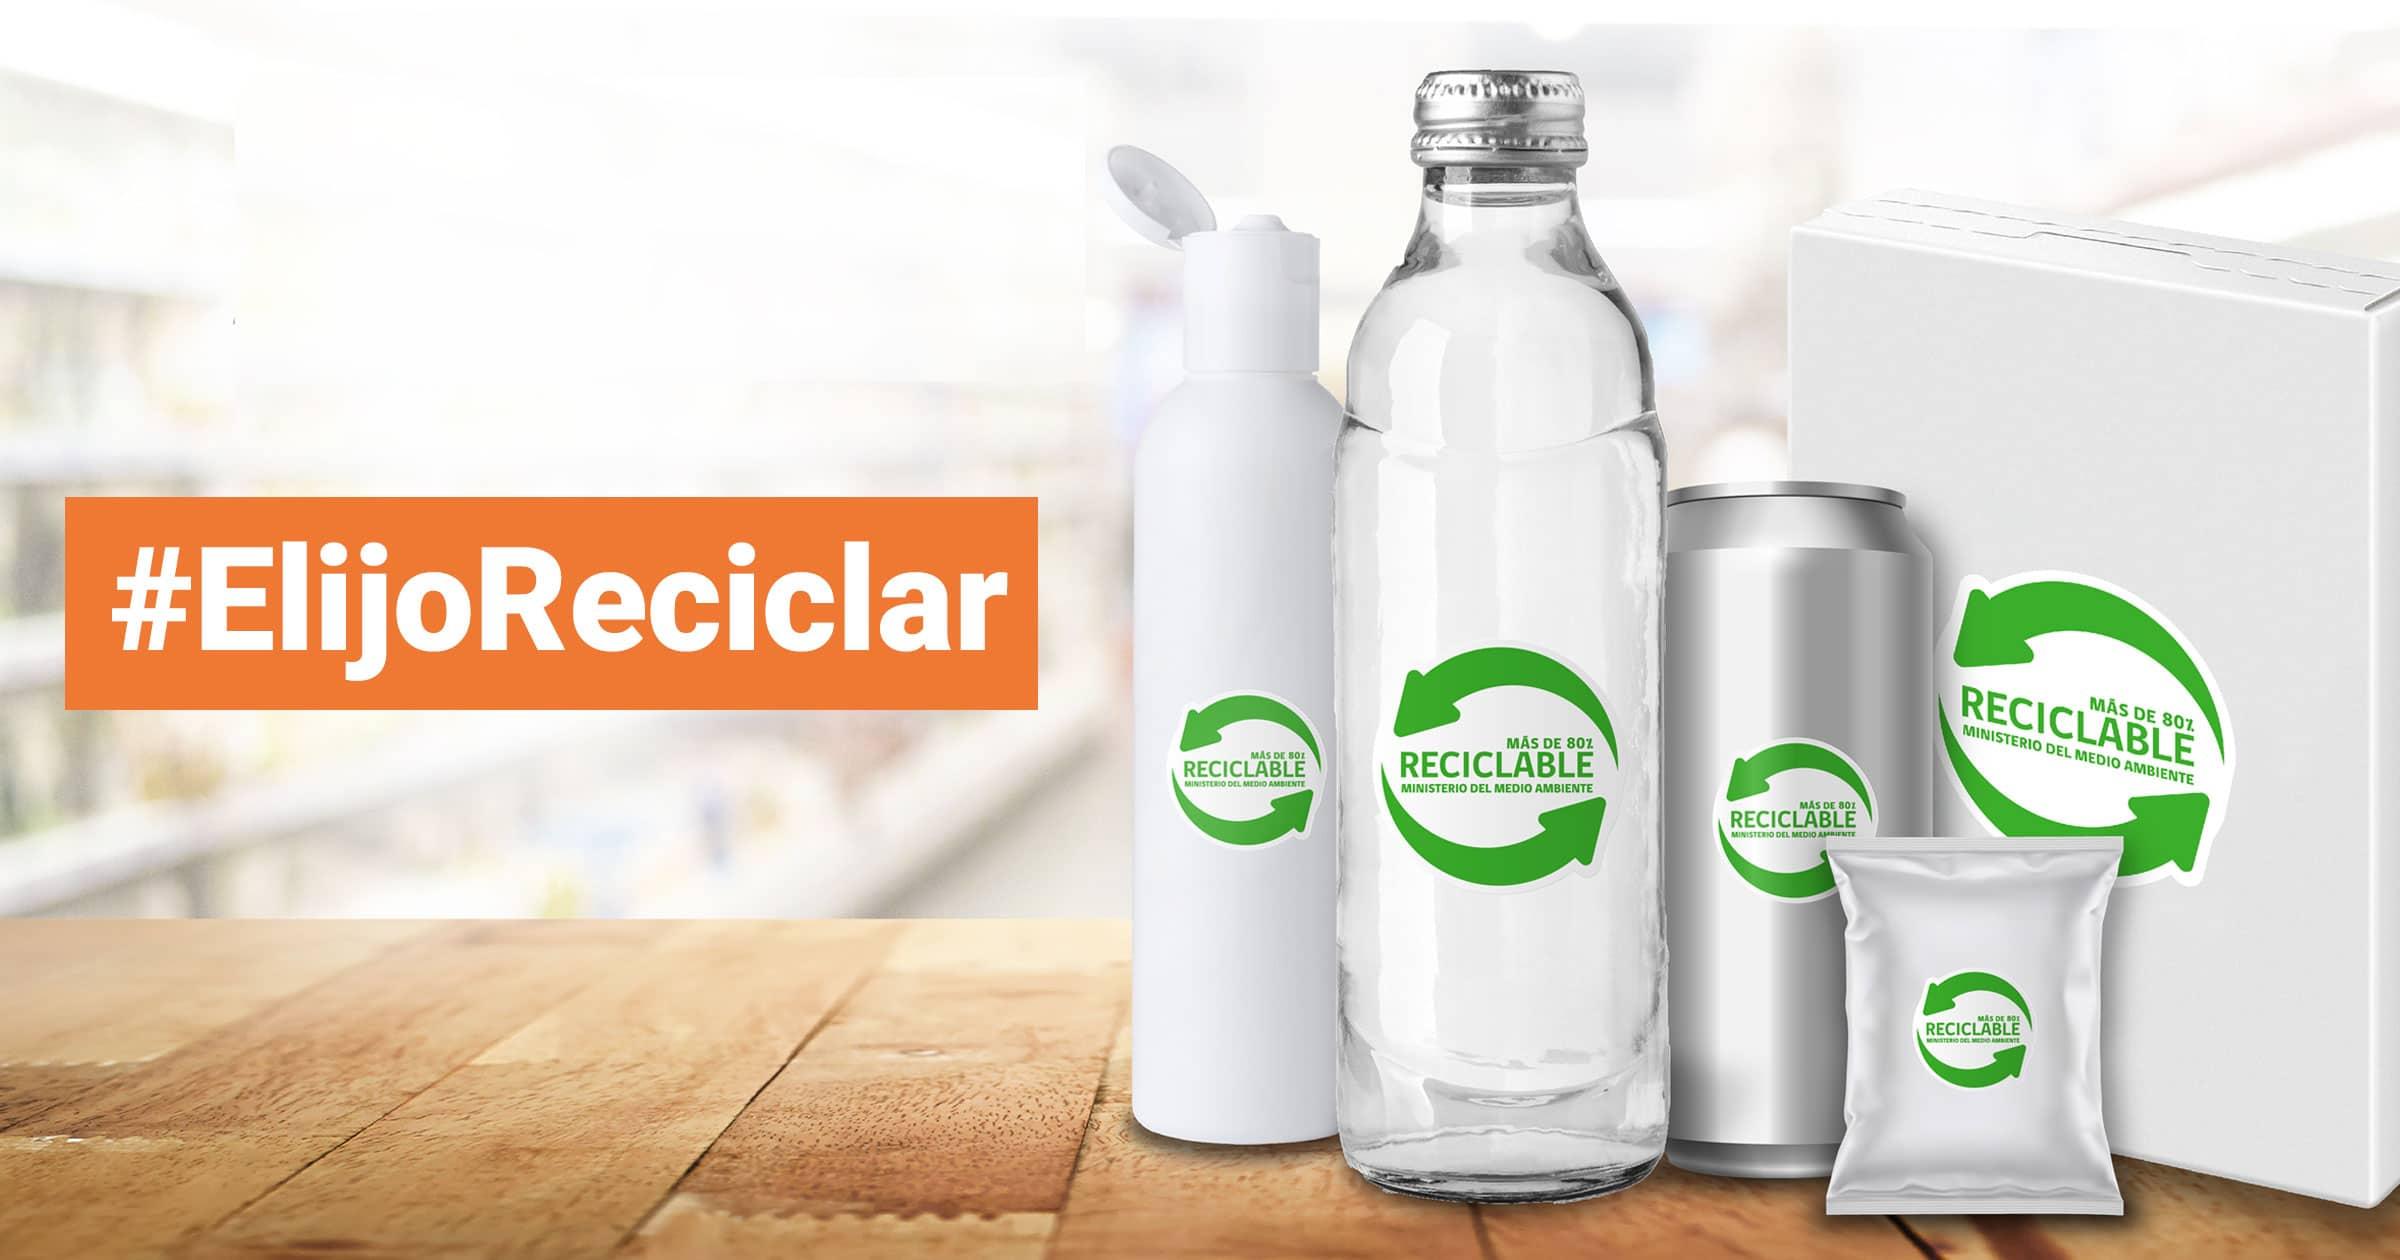 Elijo Reciclar